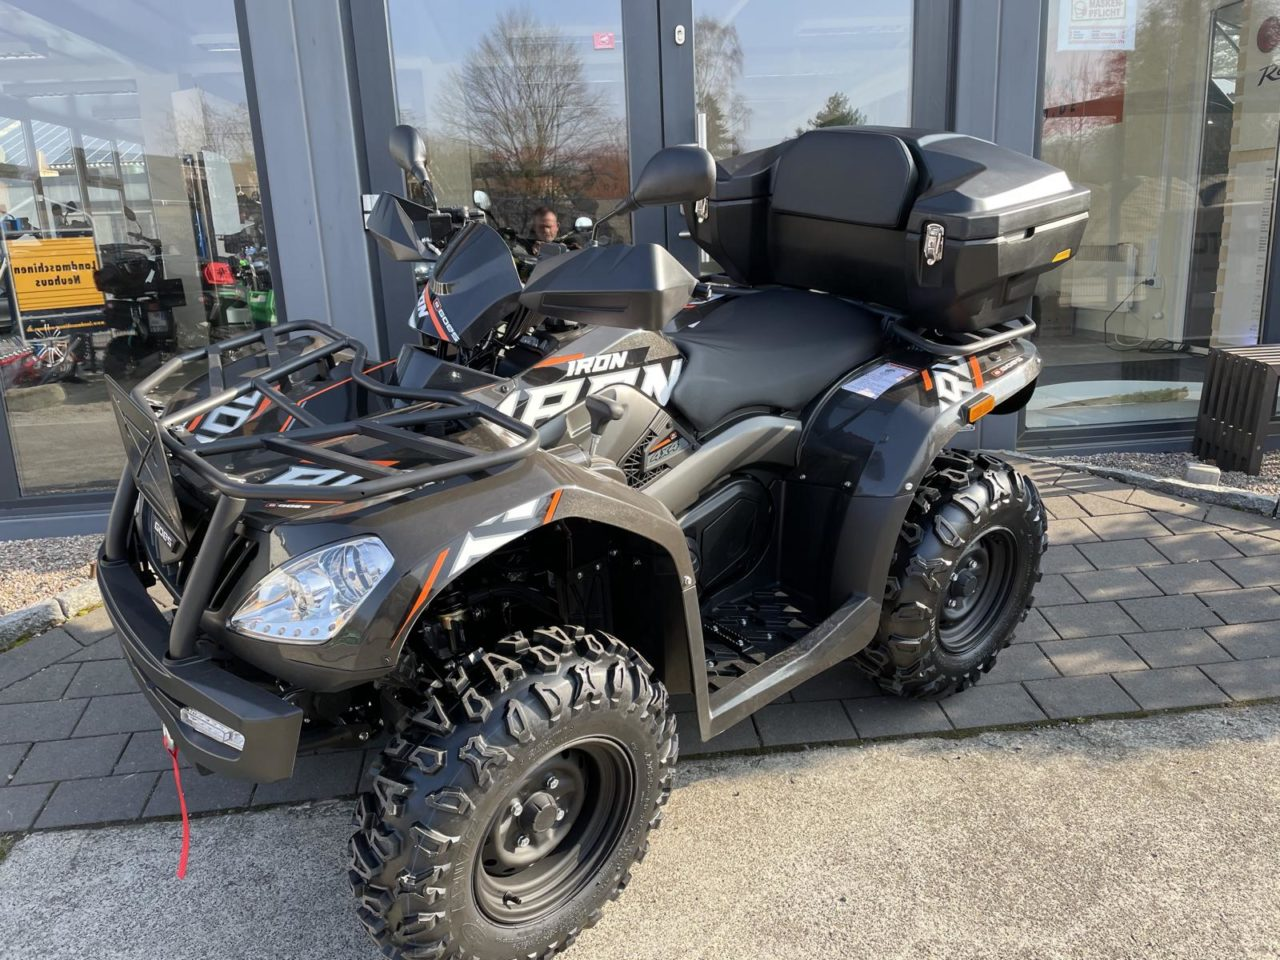 ATV / Quad GOES Iron, Allrad 27 PS, 400 ccm, Heckkoffer